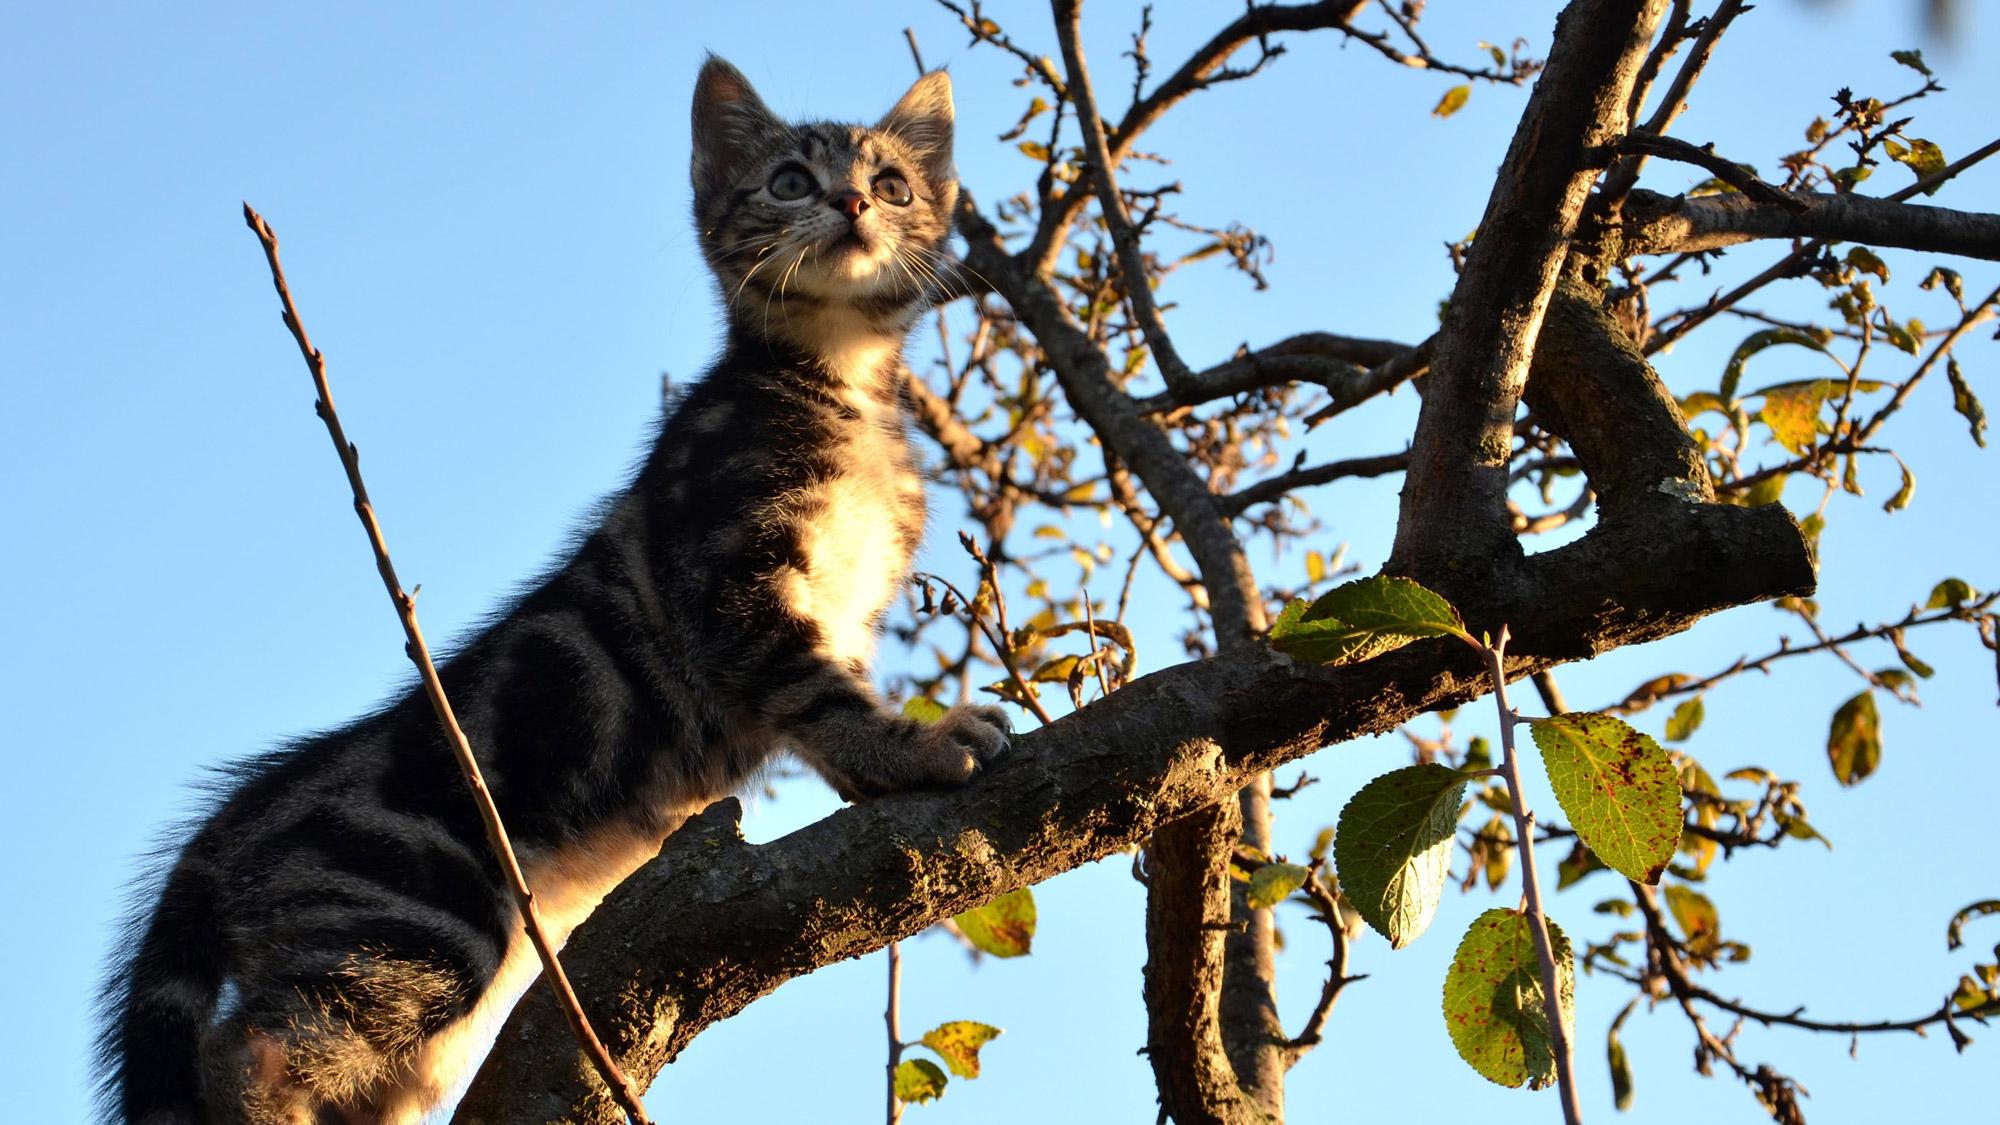 VIDÉO - C'est la journée internationale du chat, alors rions grâce à lui !